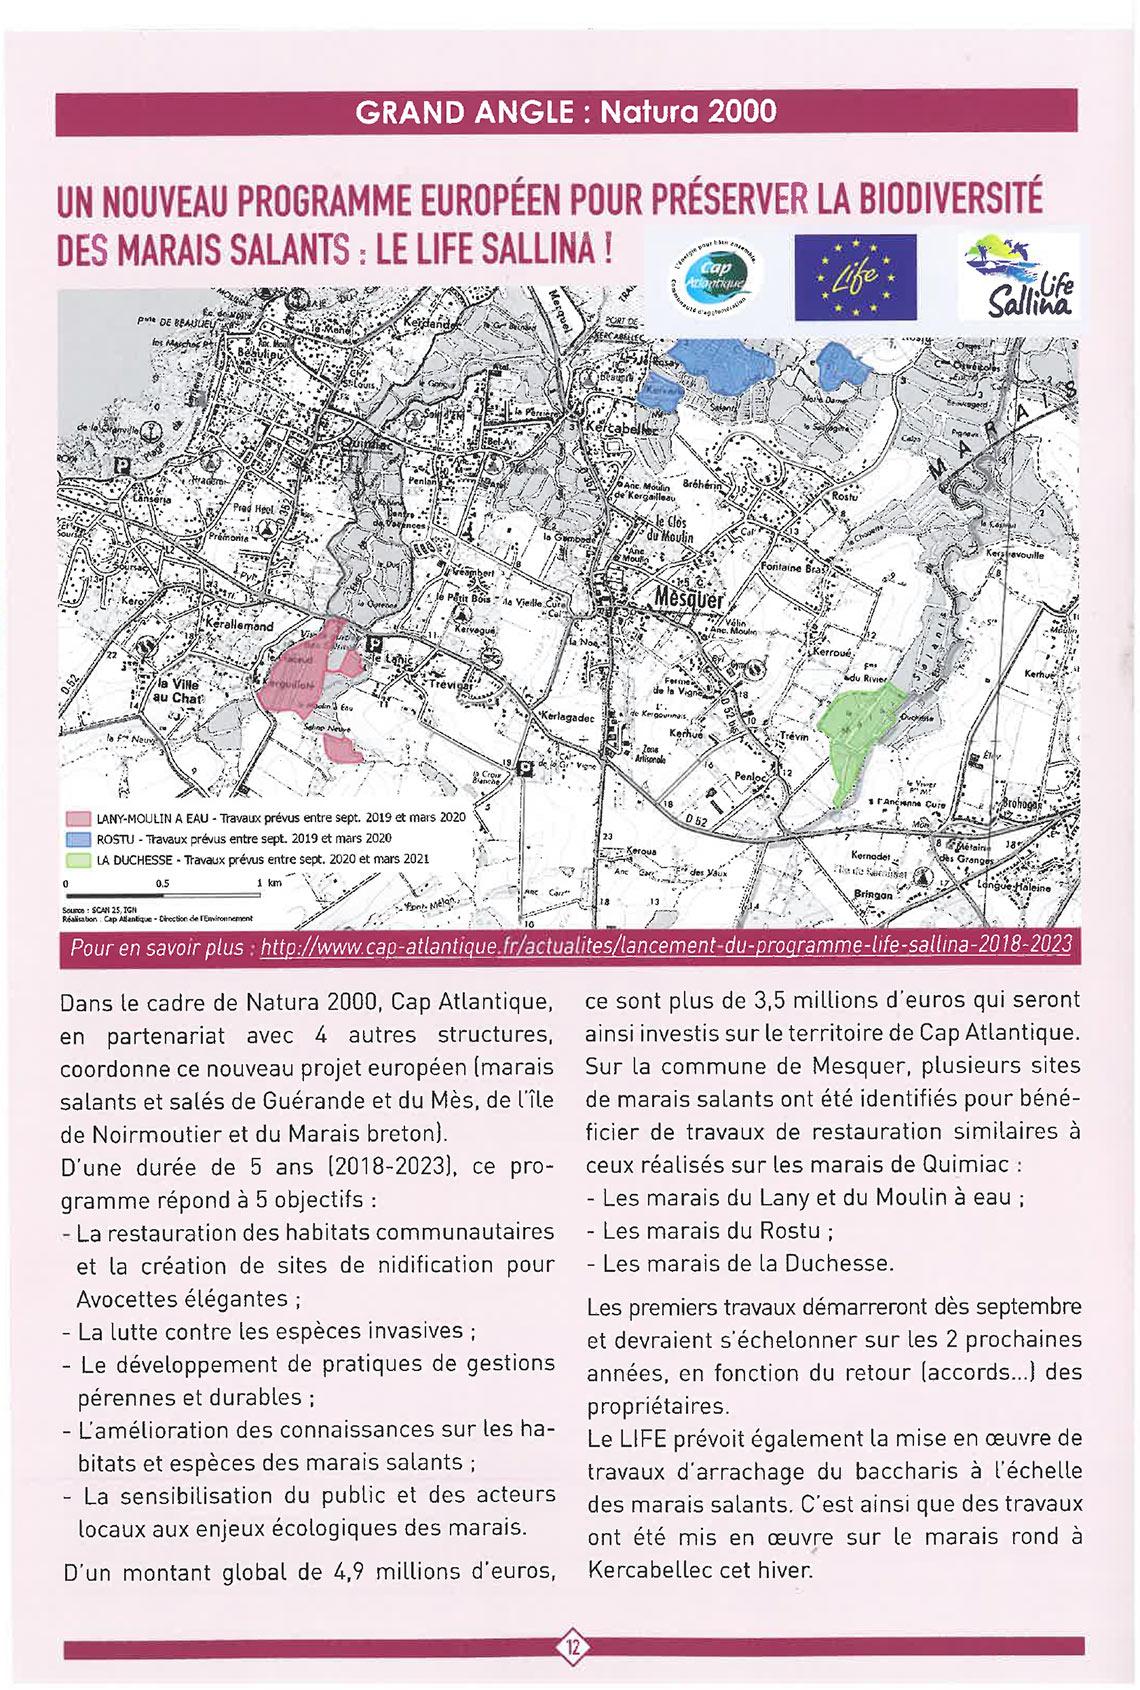 Le Traict de Mesquer - été/automne 2019 n°180 - LIFE SALLINA sur la commune de Mesquer